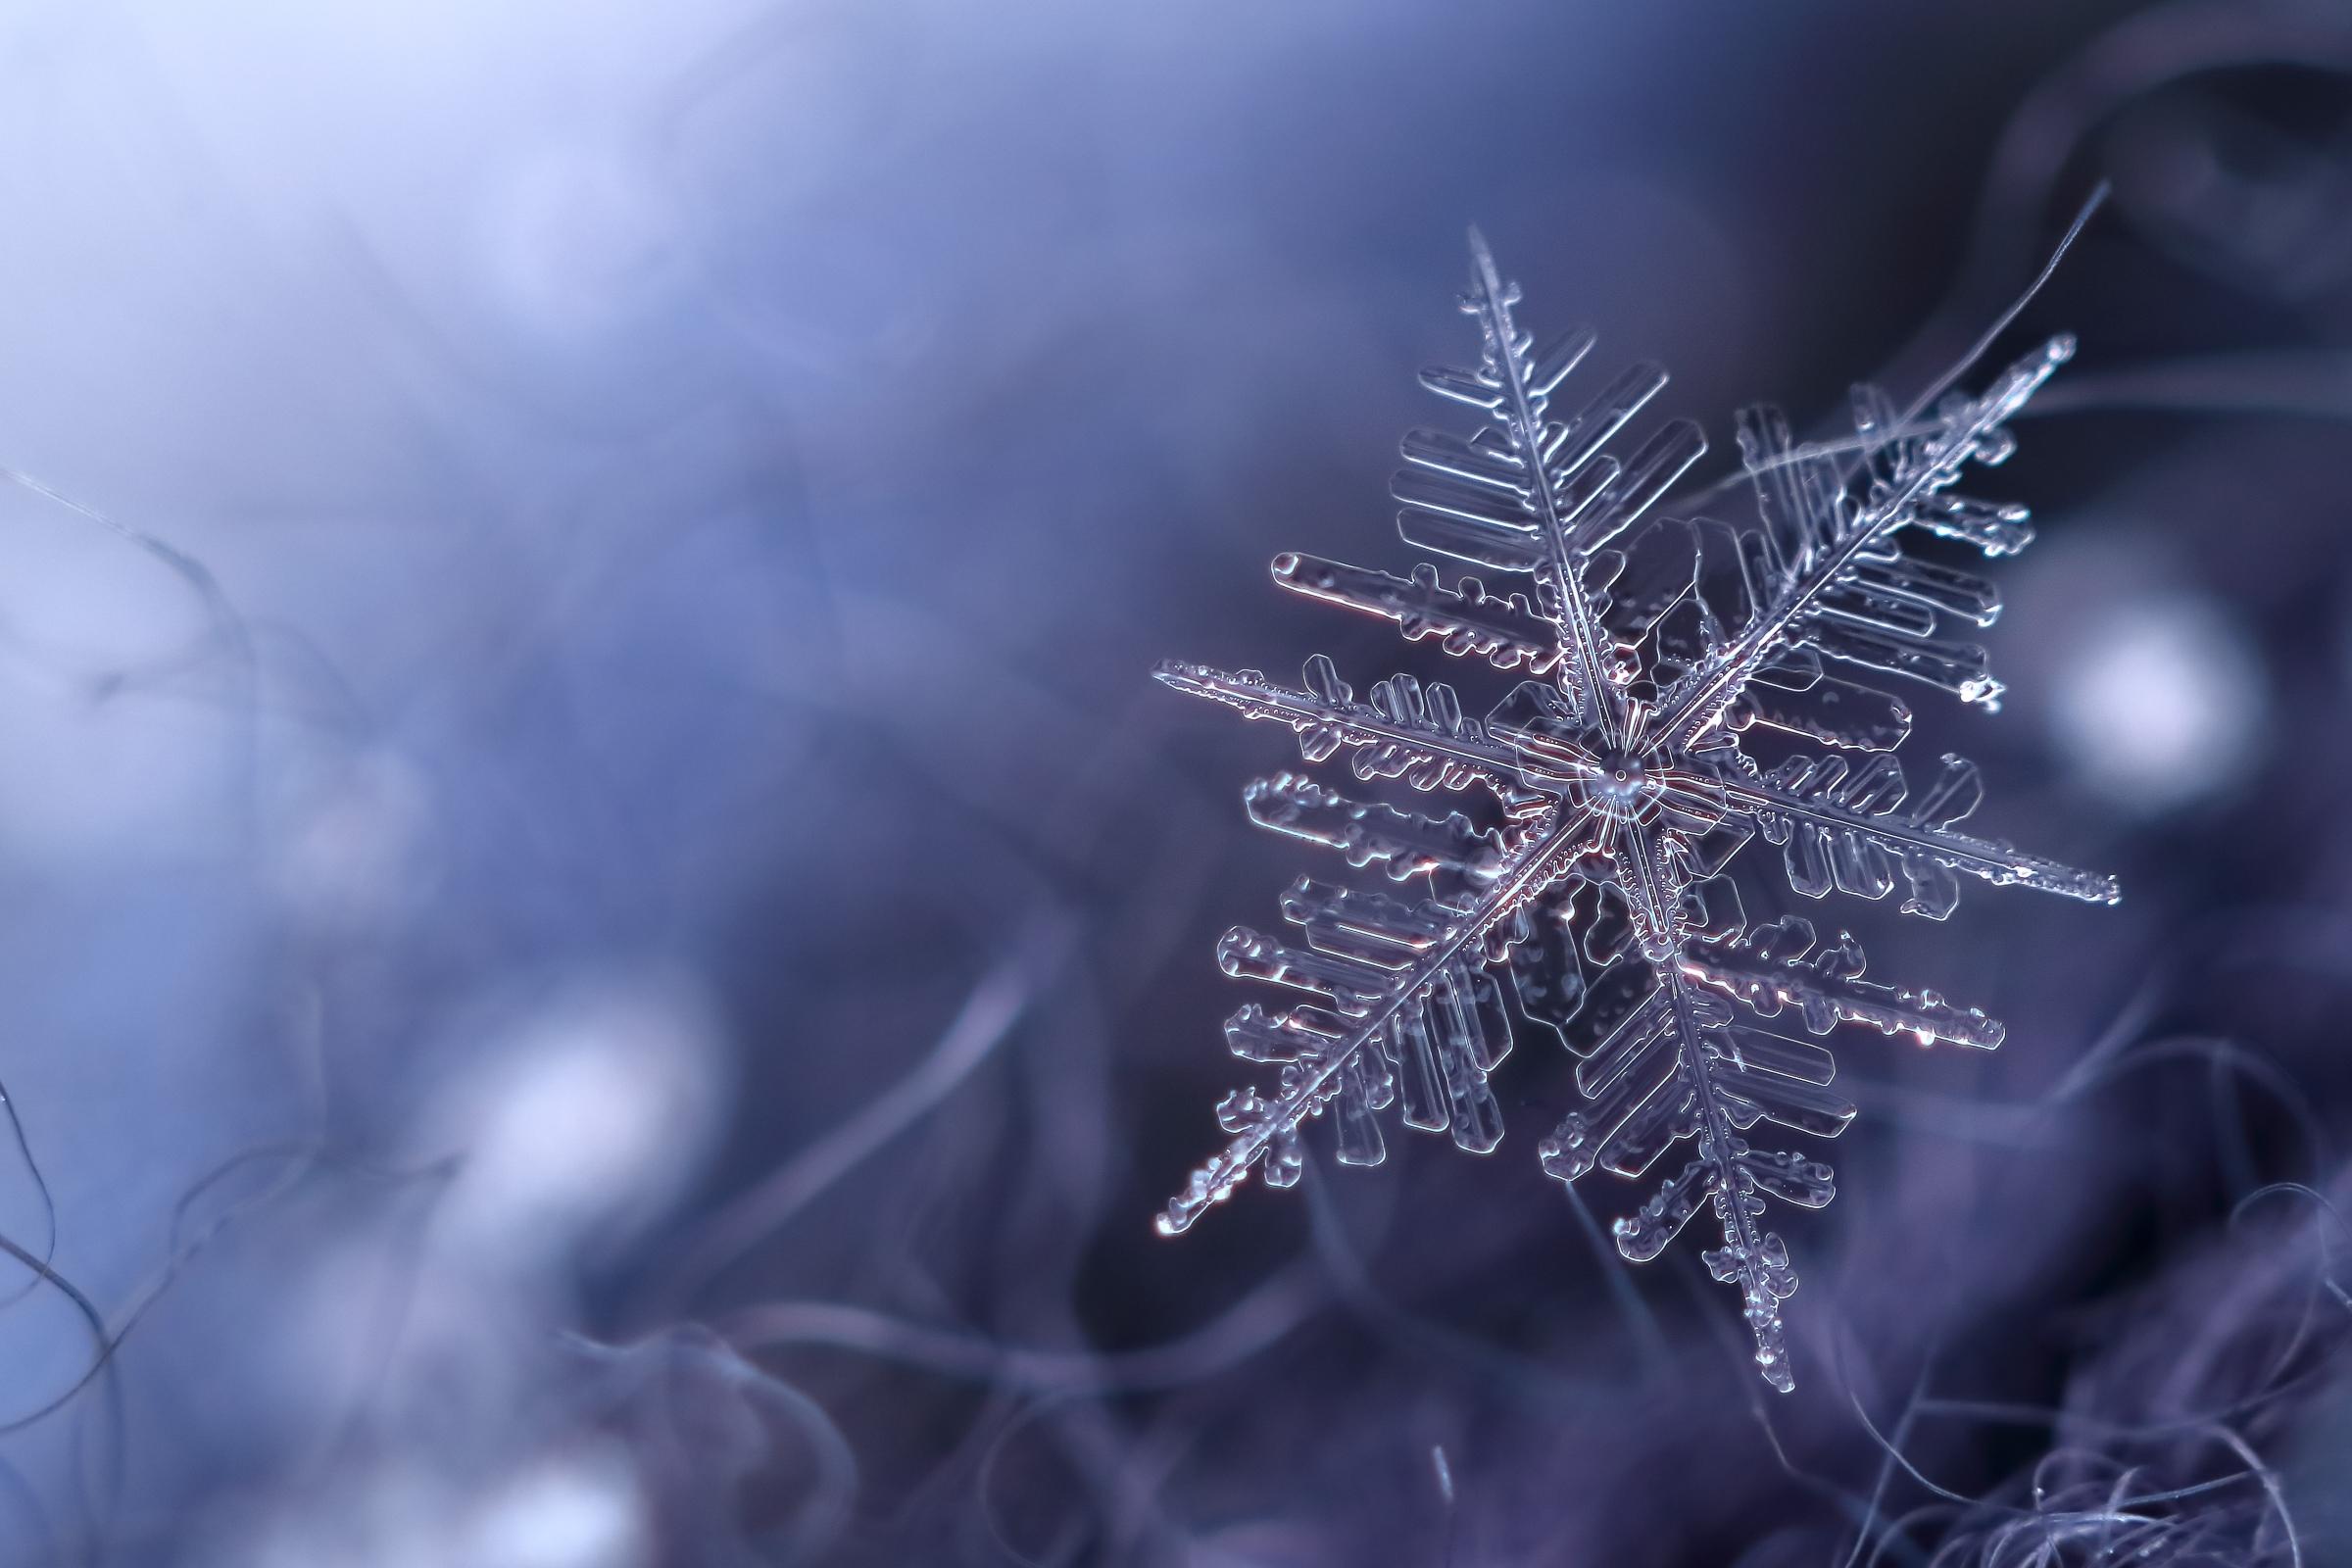 картинки на телефон снежинки в хорошем качестве